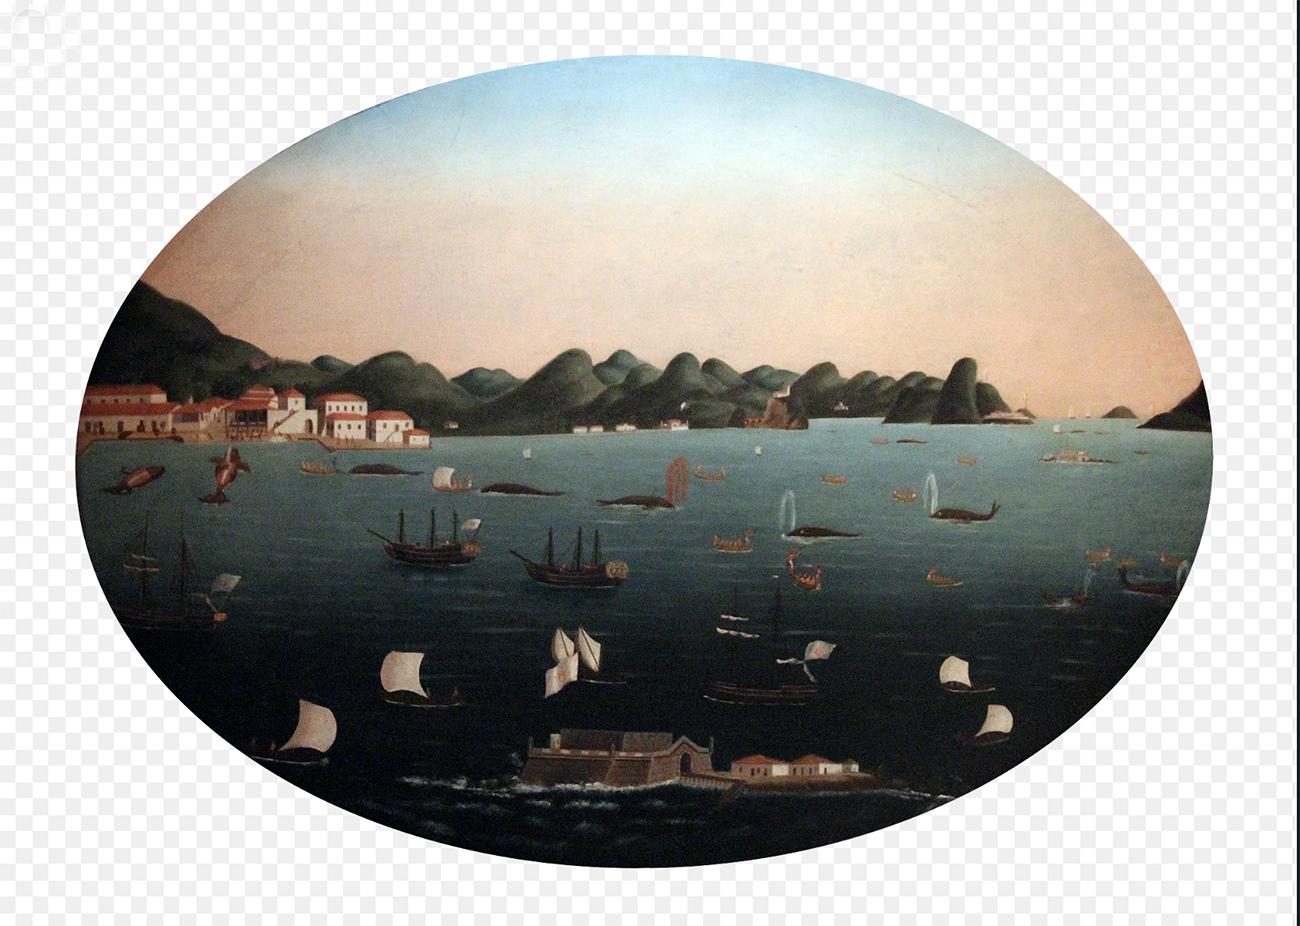 gravura da baía de Guanabara no século 17